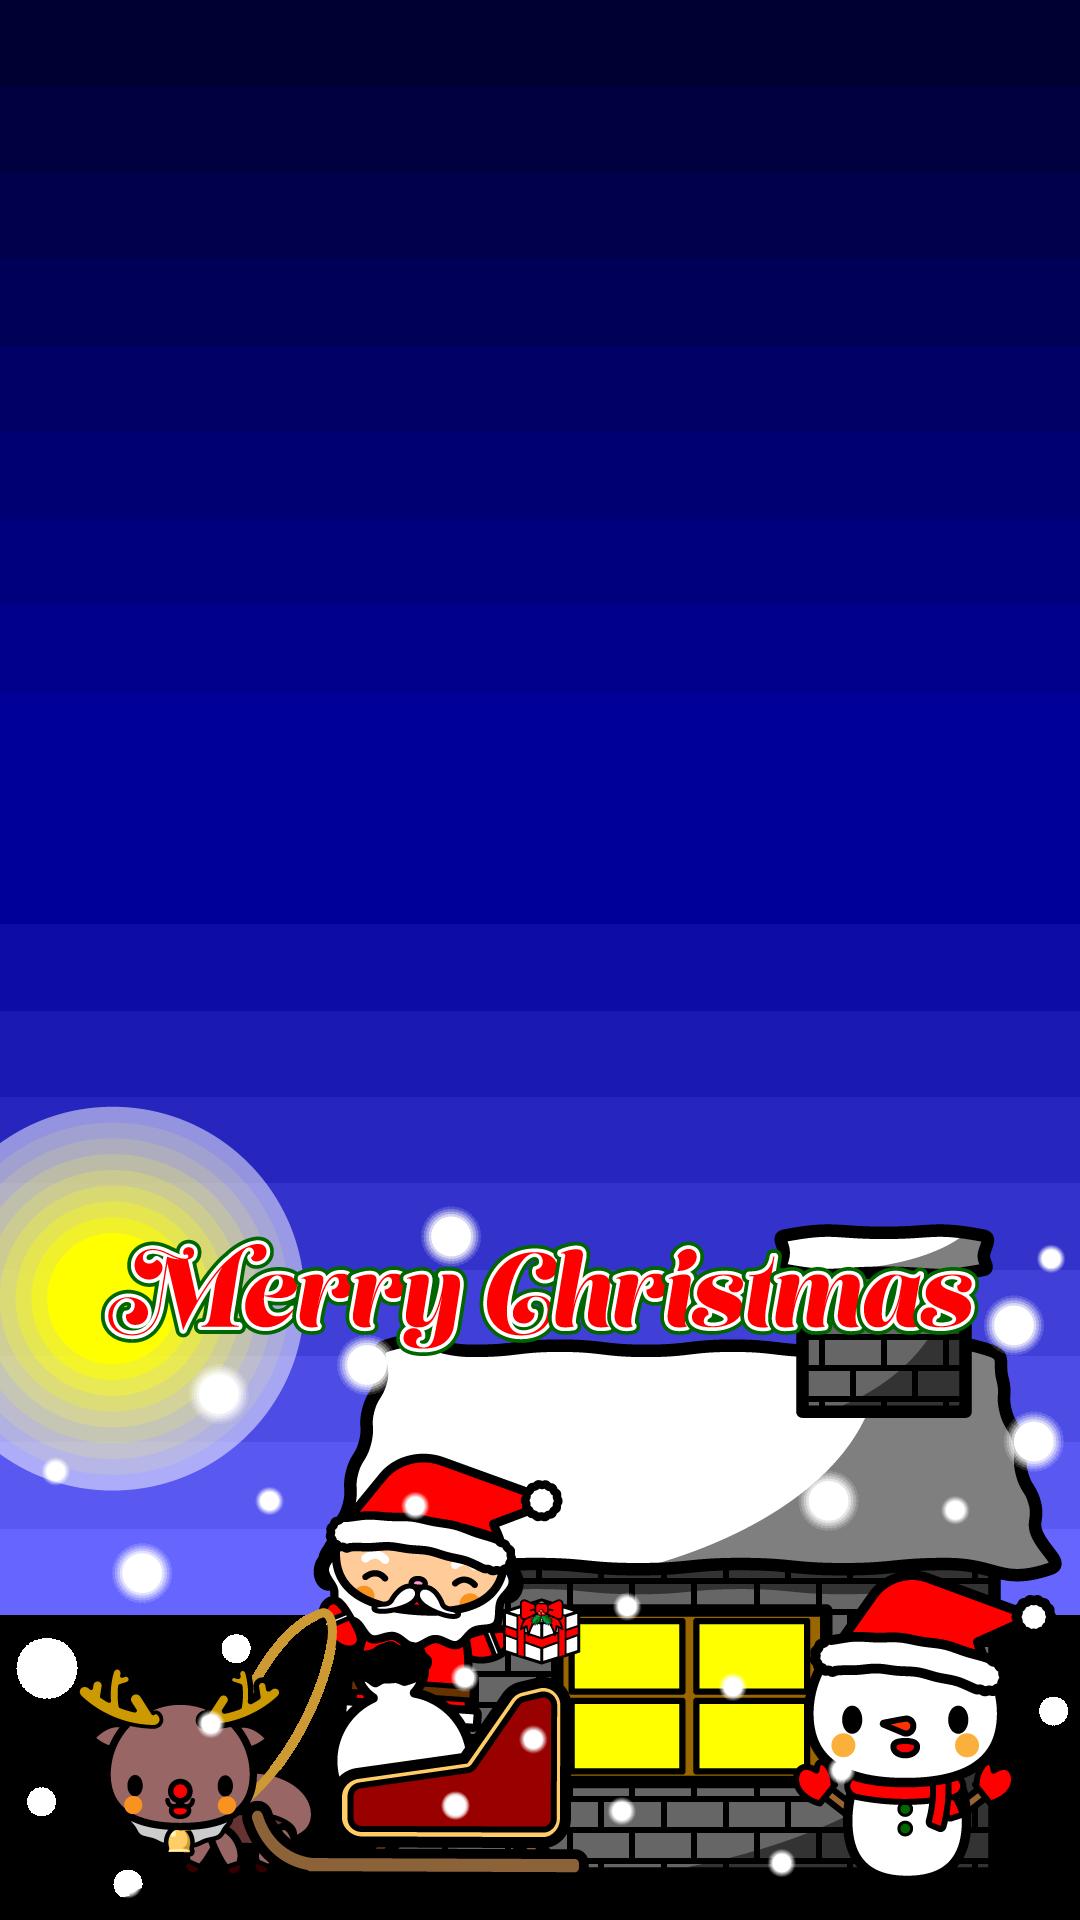 かわいいメリークリスマス02壁紙(iPhone)の無料イラスト・商用フリー